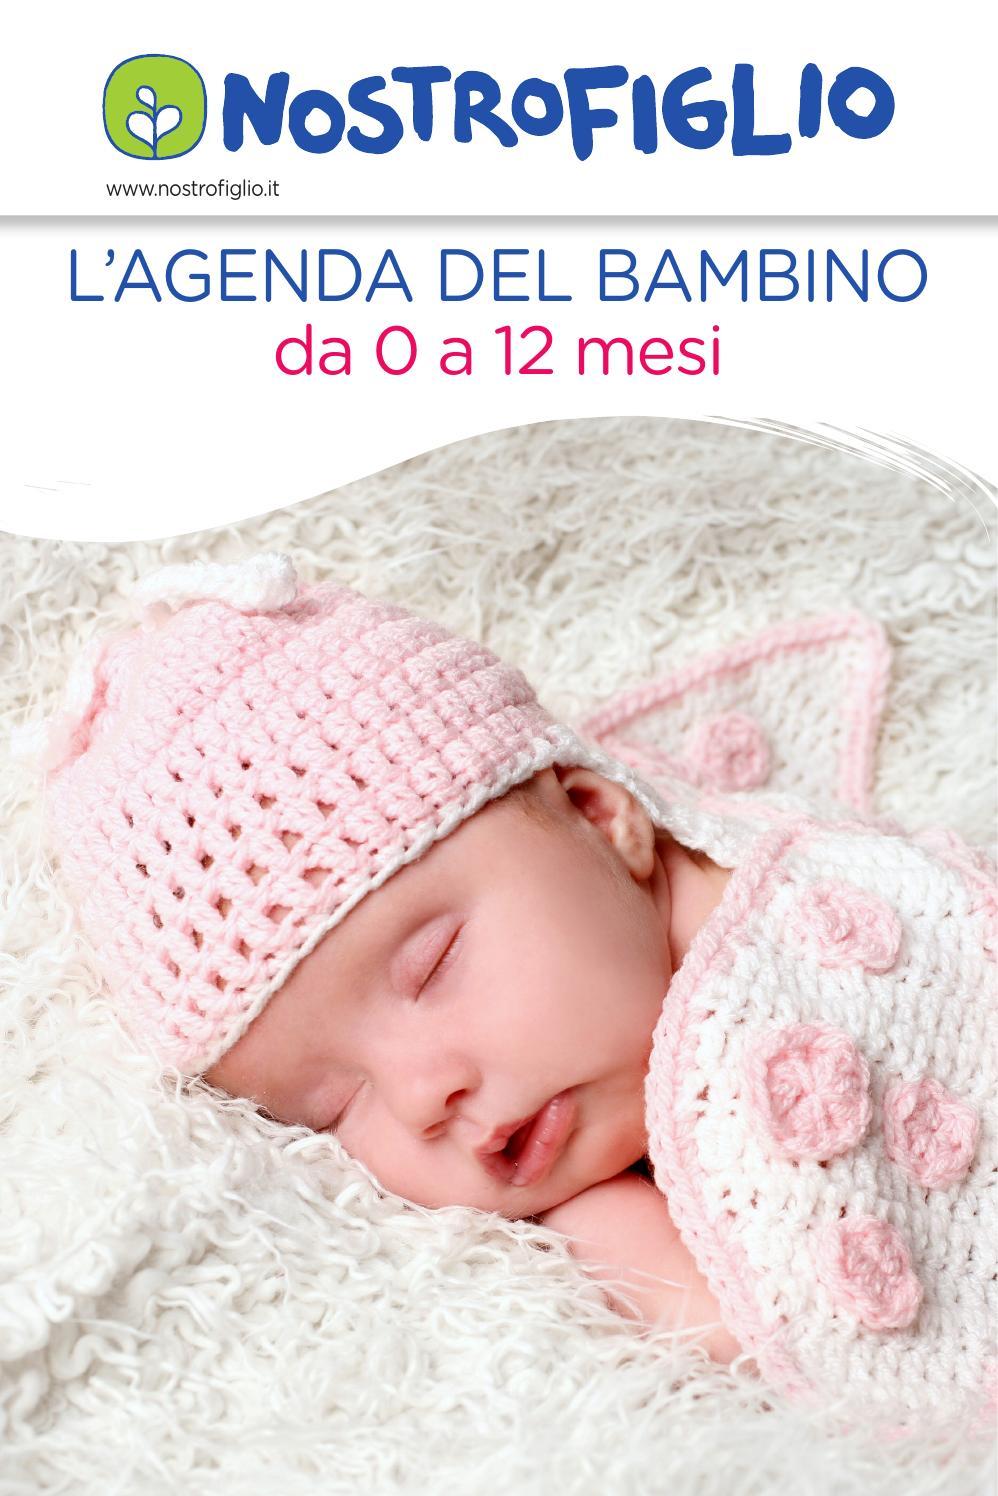 Quando Inizia A Gattonare Neonato agenda del neonato 0 12 mesi by nostrofiglio.it - issuu